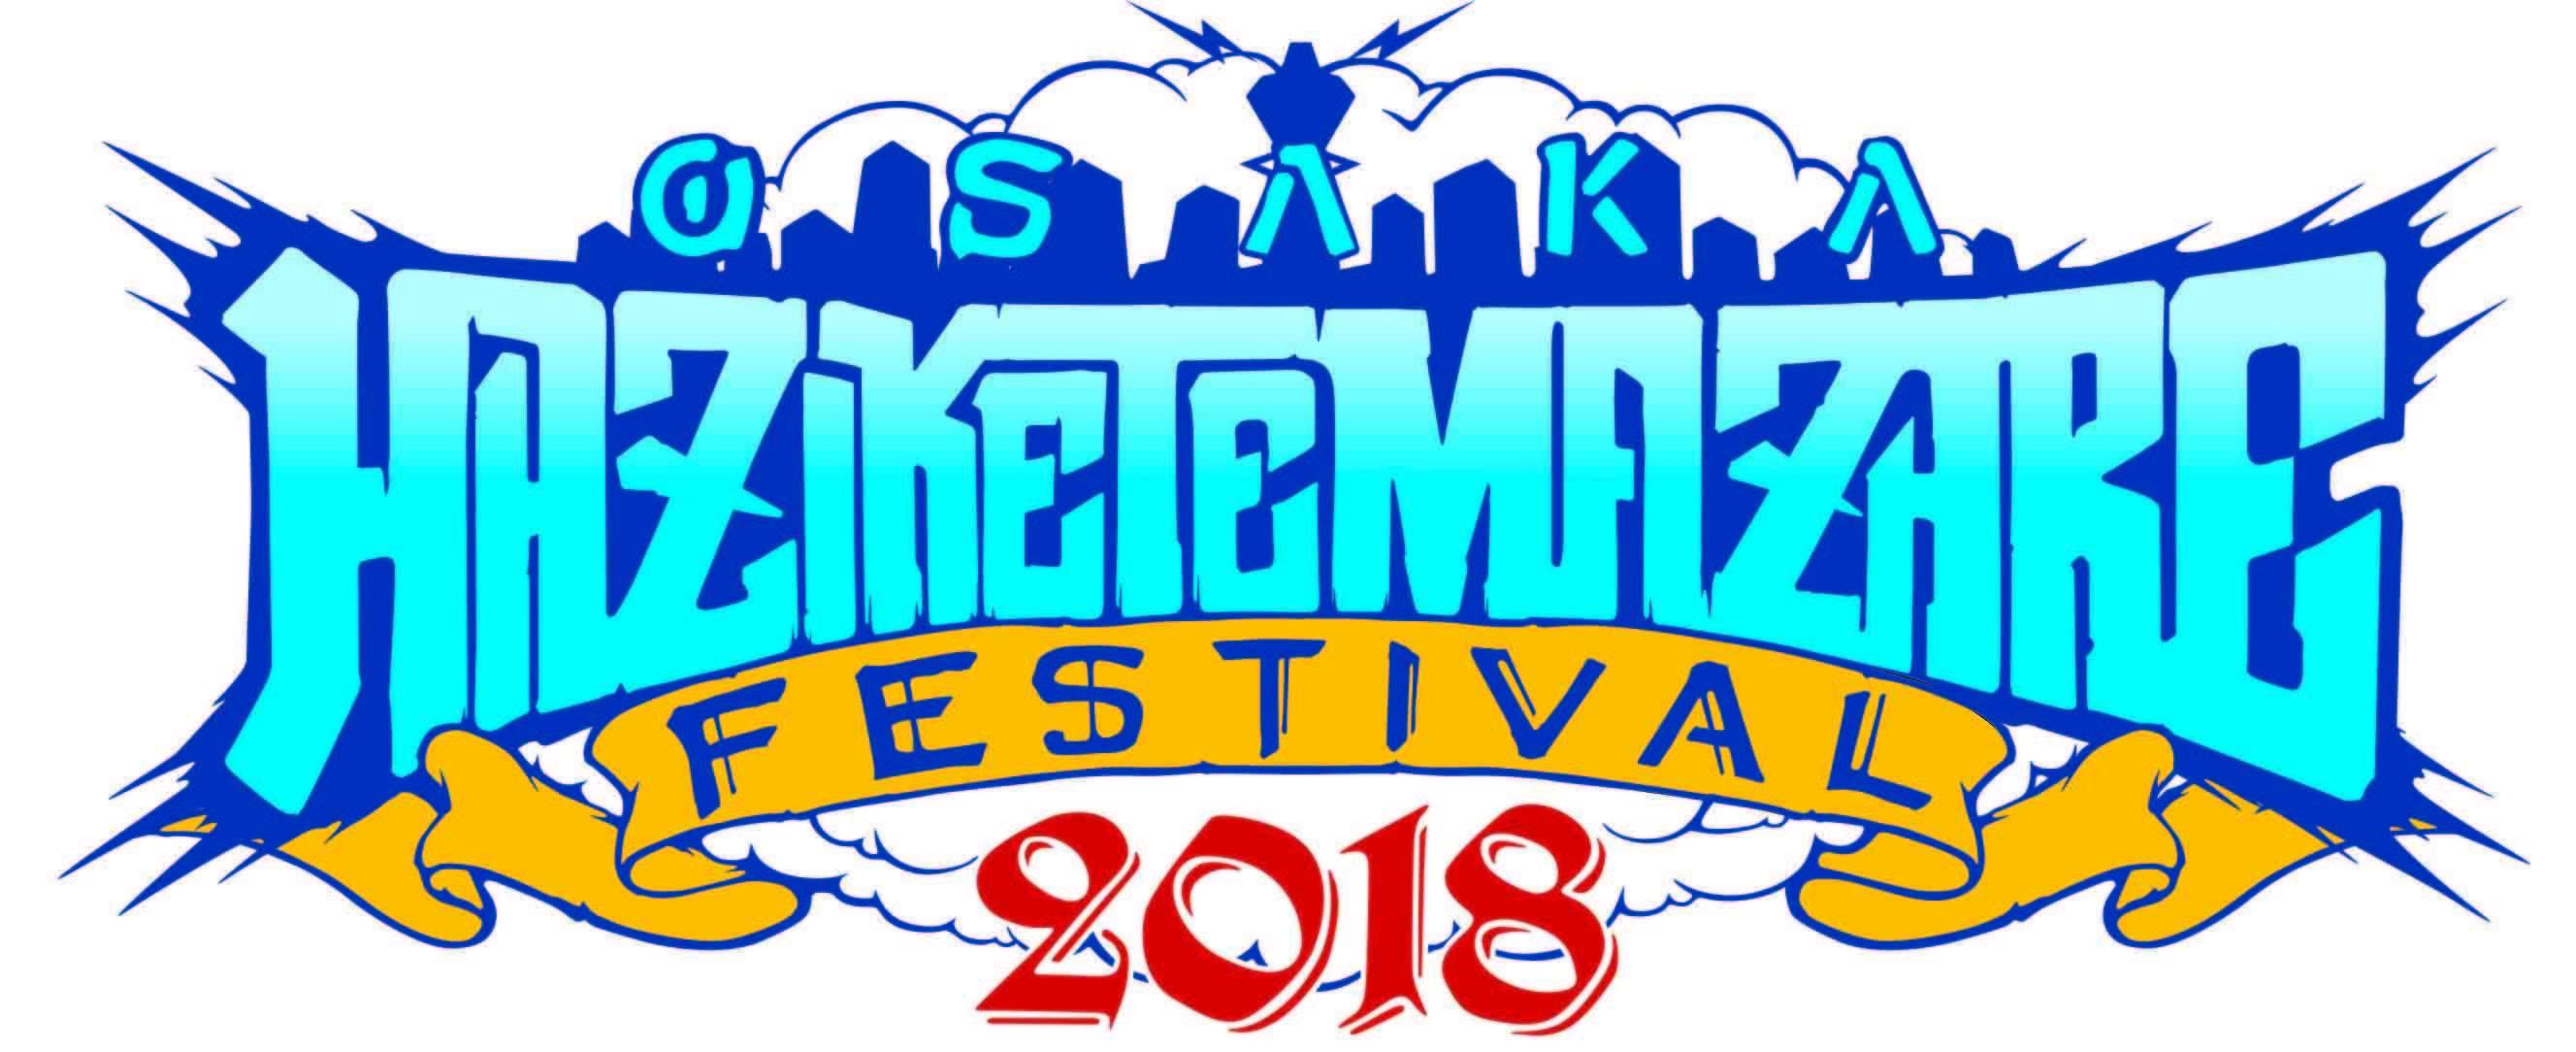 HEY-SMITH Presents OSAKA HAZIKETEMAZARE FESTIVAL 2018